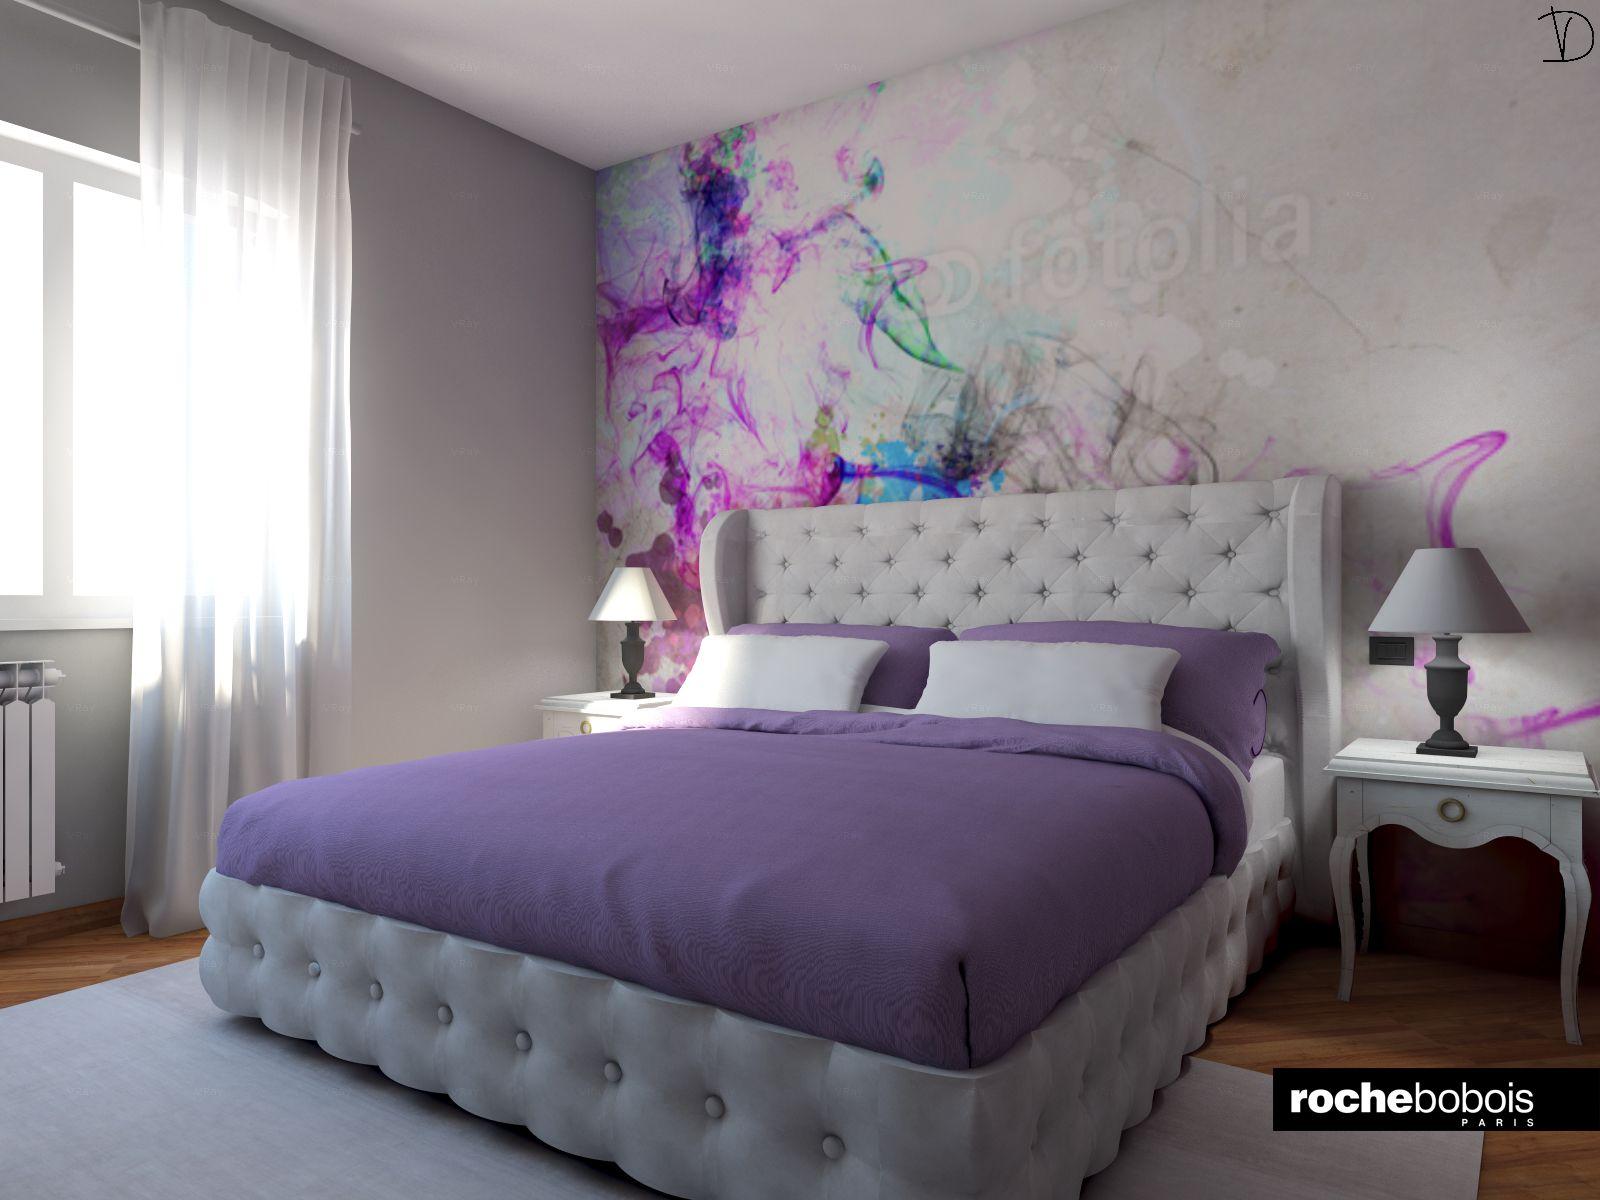 Camera matrimoniale con letto maestro in pelle bianca - Camere da letto in pelle ...